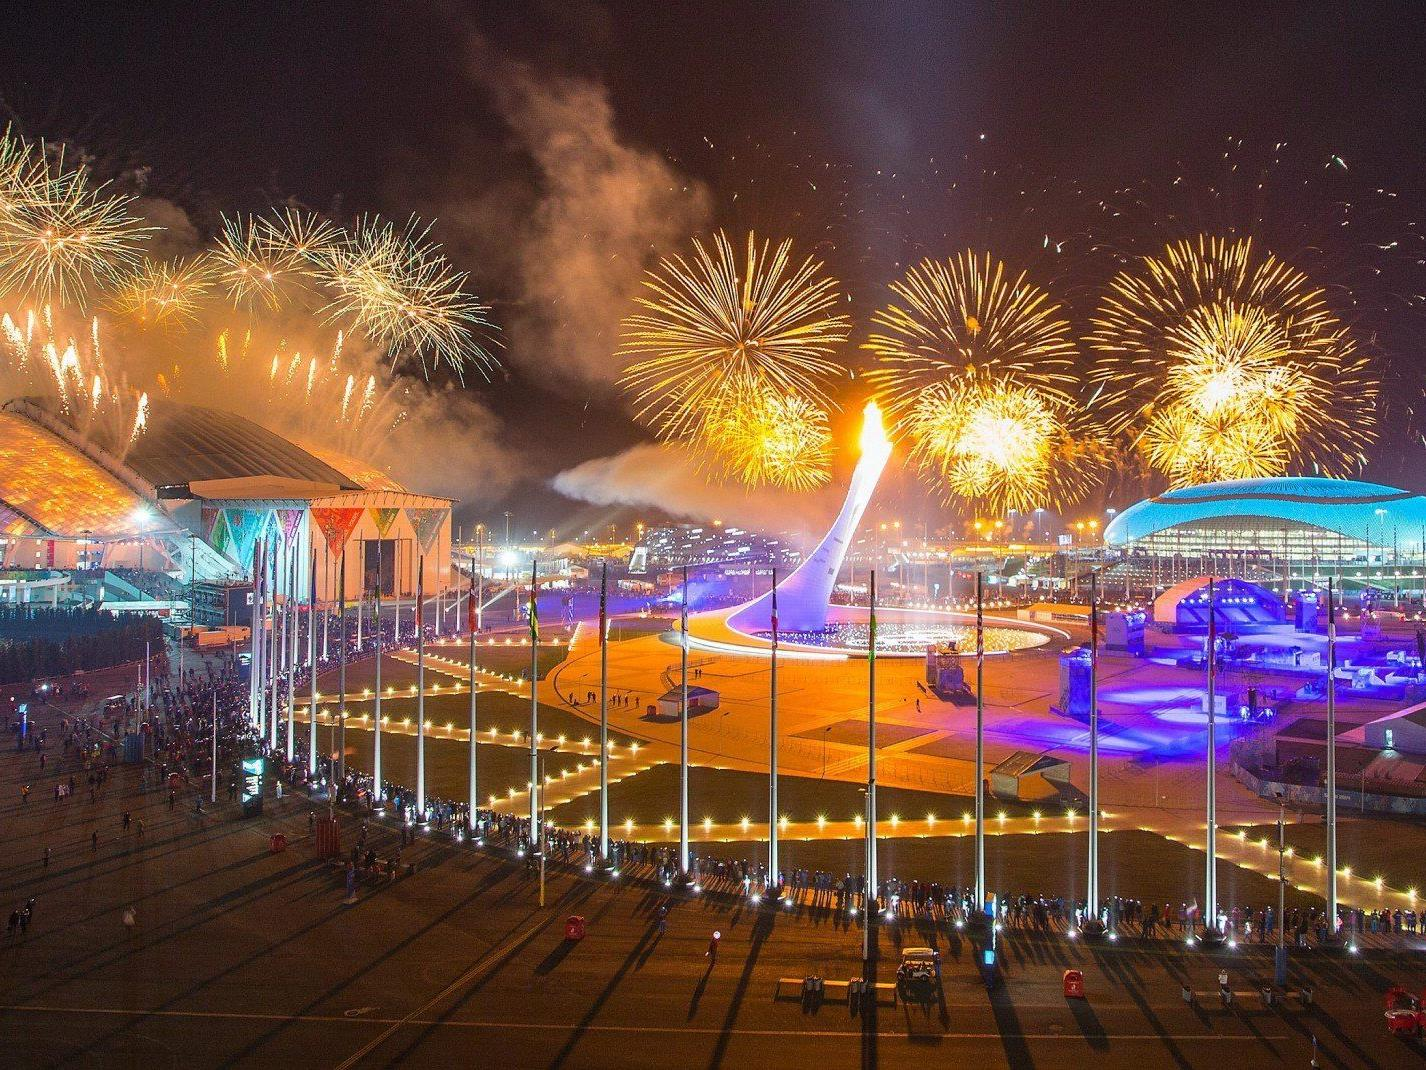 Lasset die Spiele beginnen: Olympia 2014 feierlich eröffnet.